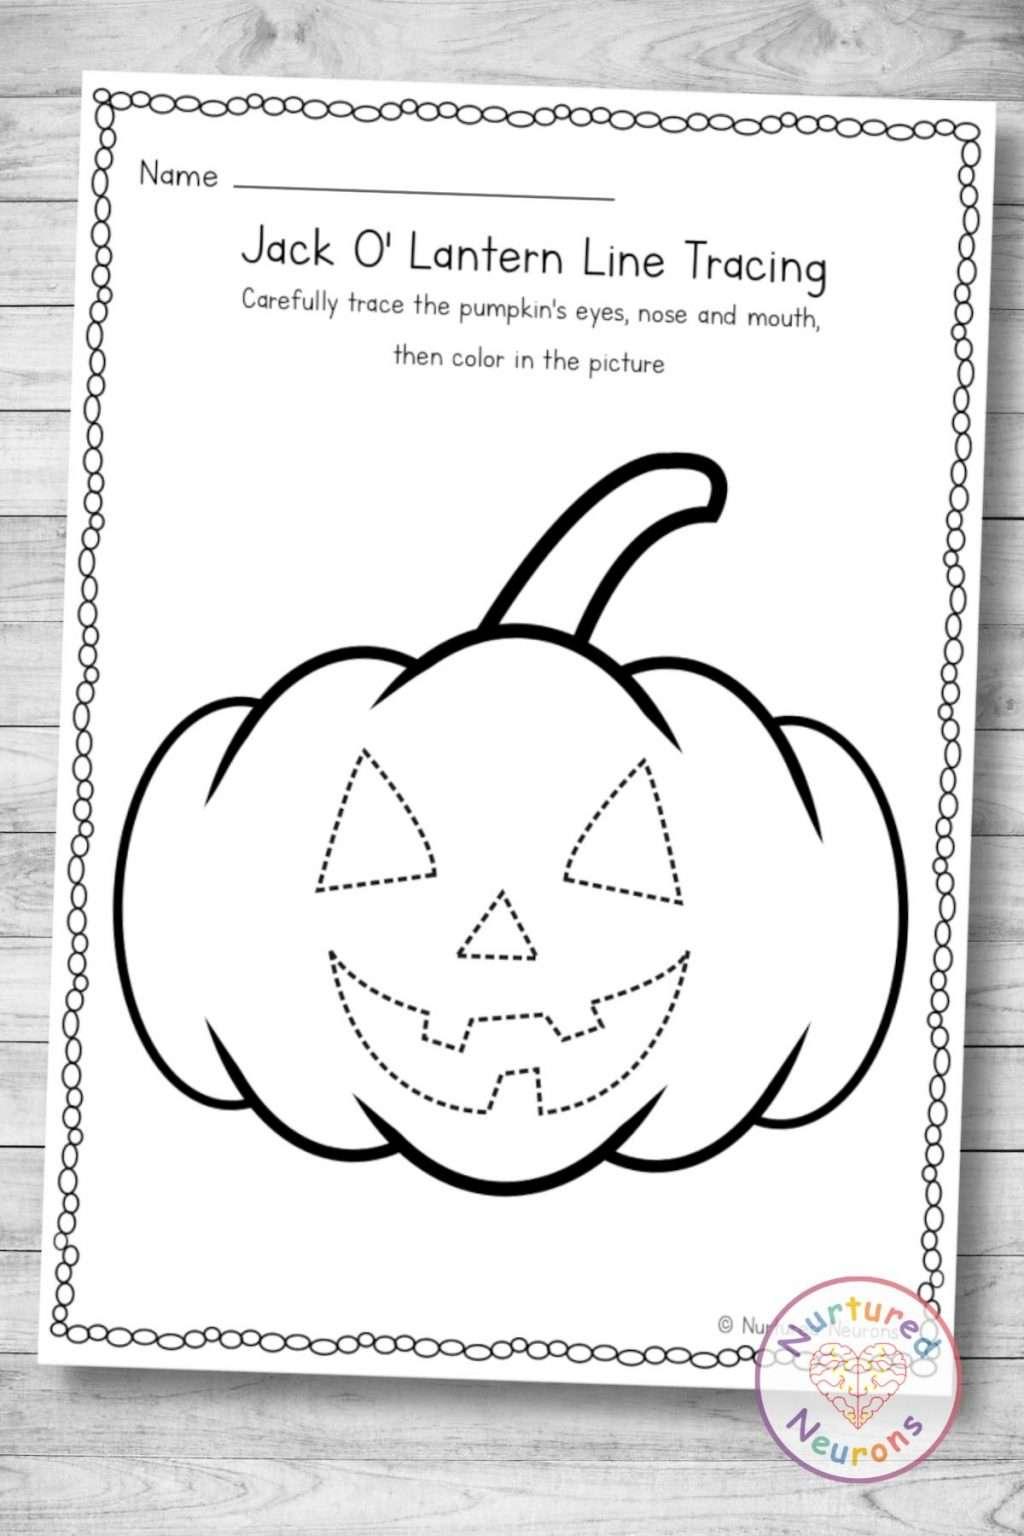 Printable pumpkin tracing worksheet (kindergarten and preschool Halloween download pdf)